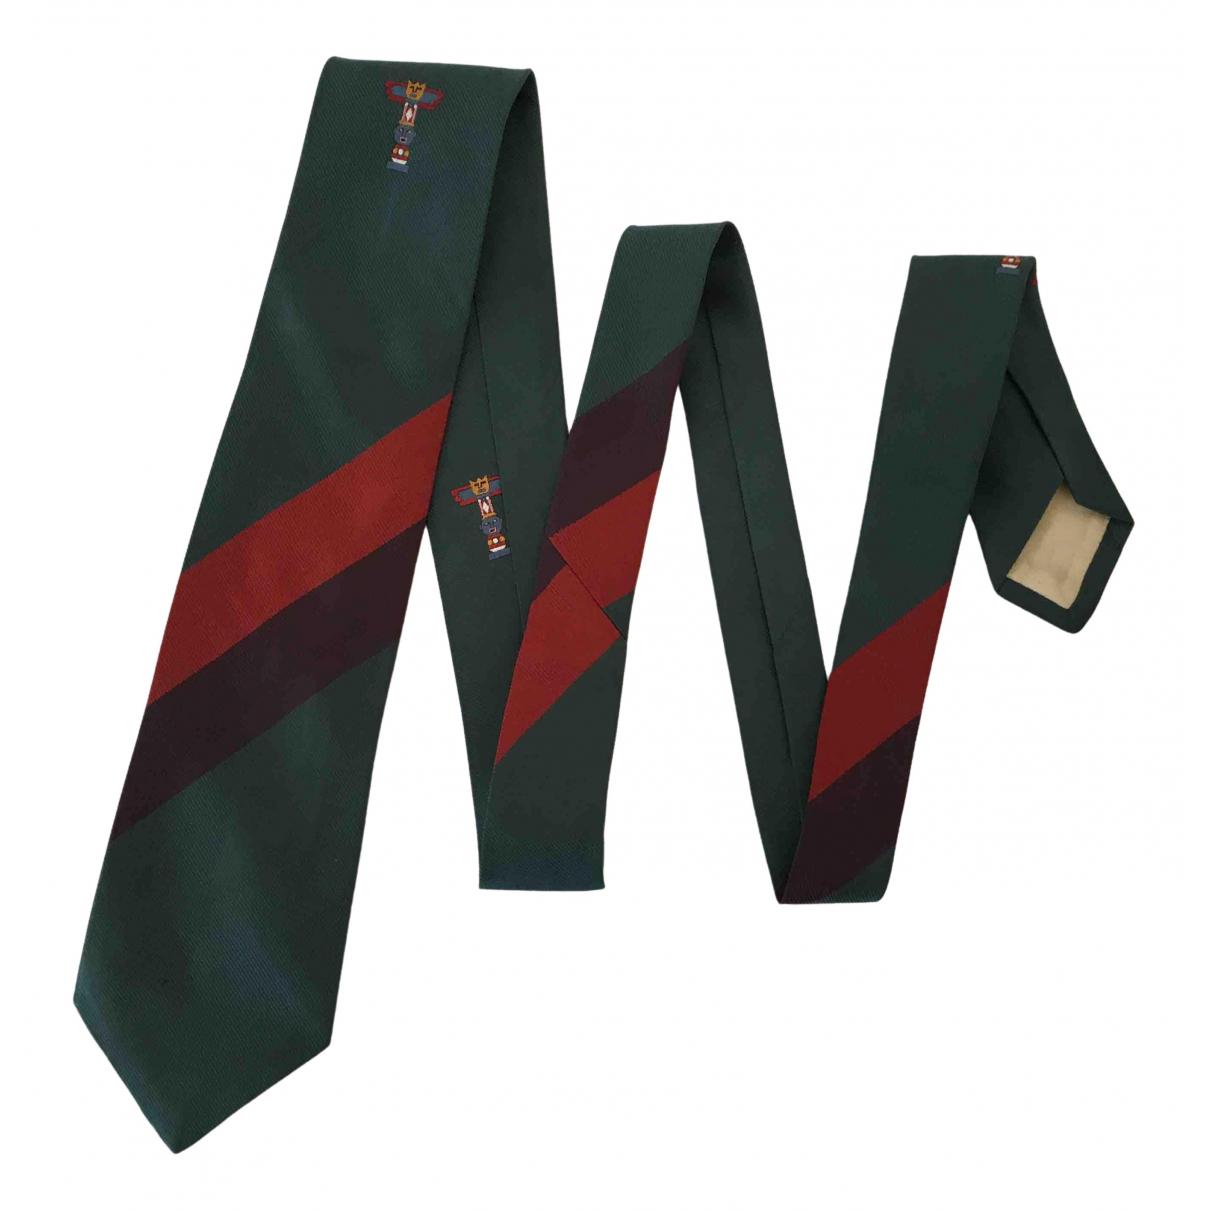 Jc De Castelbajac - Cravates   pour homme en soie